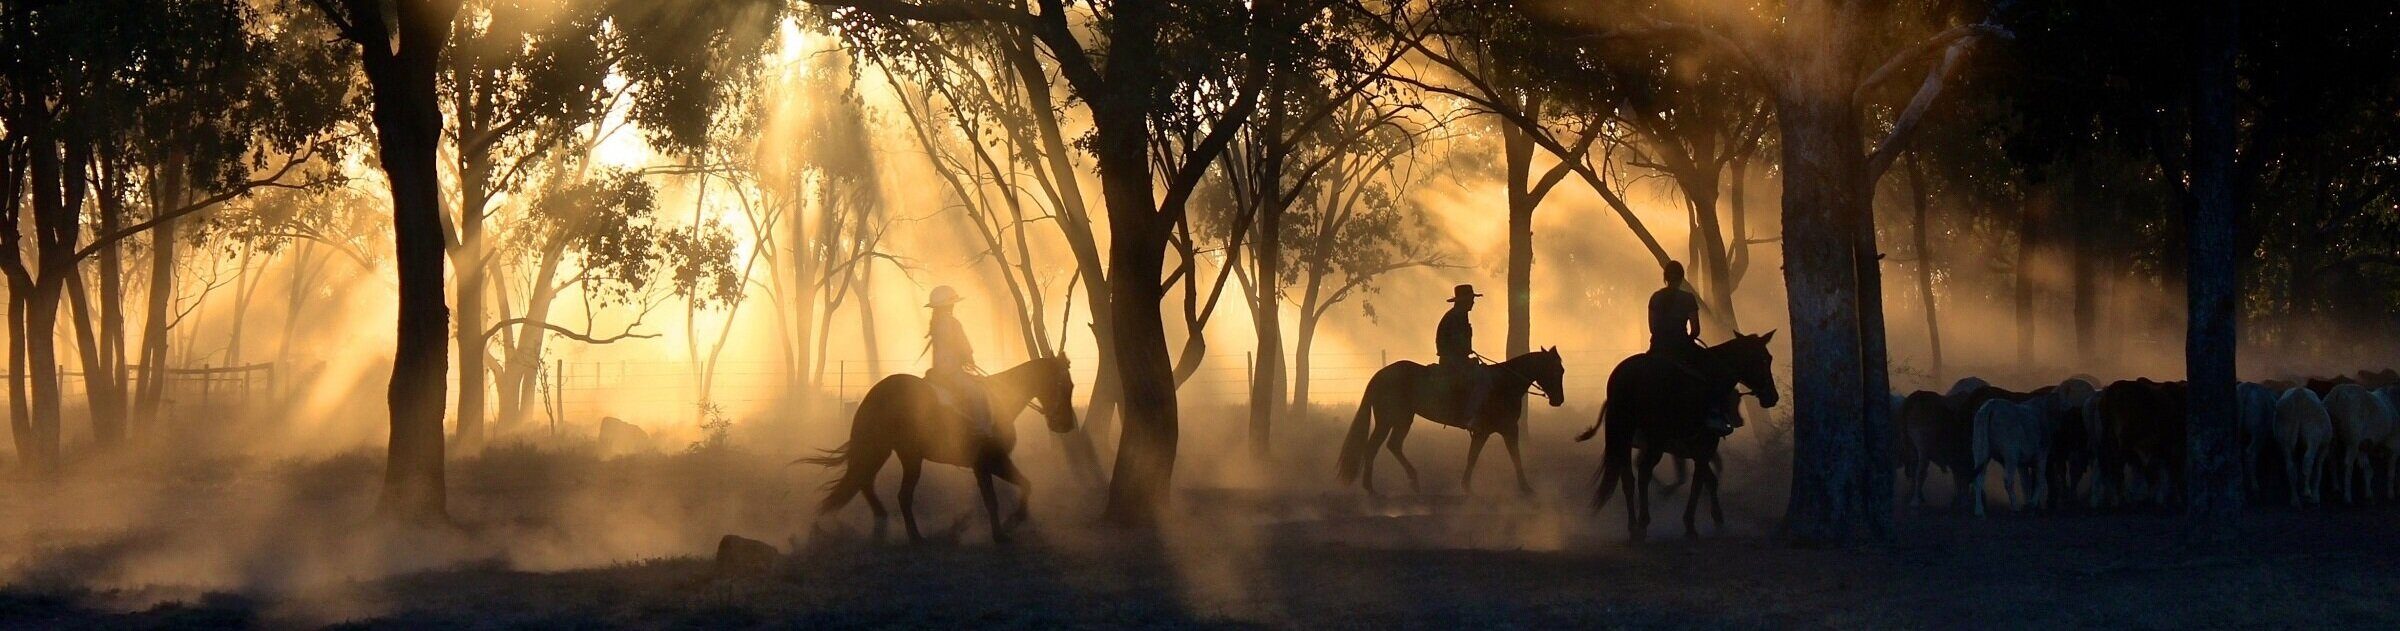 cowboys-1826527.jpg